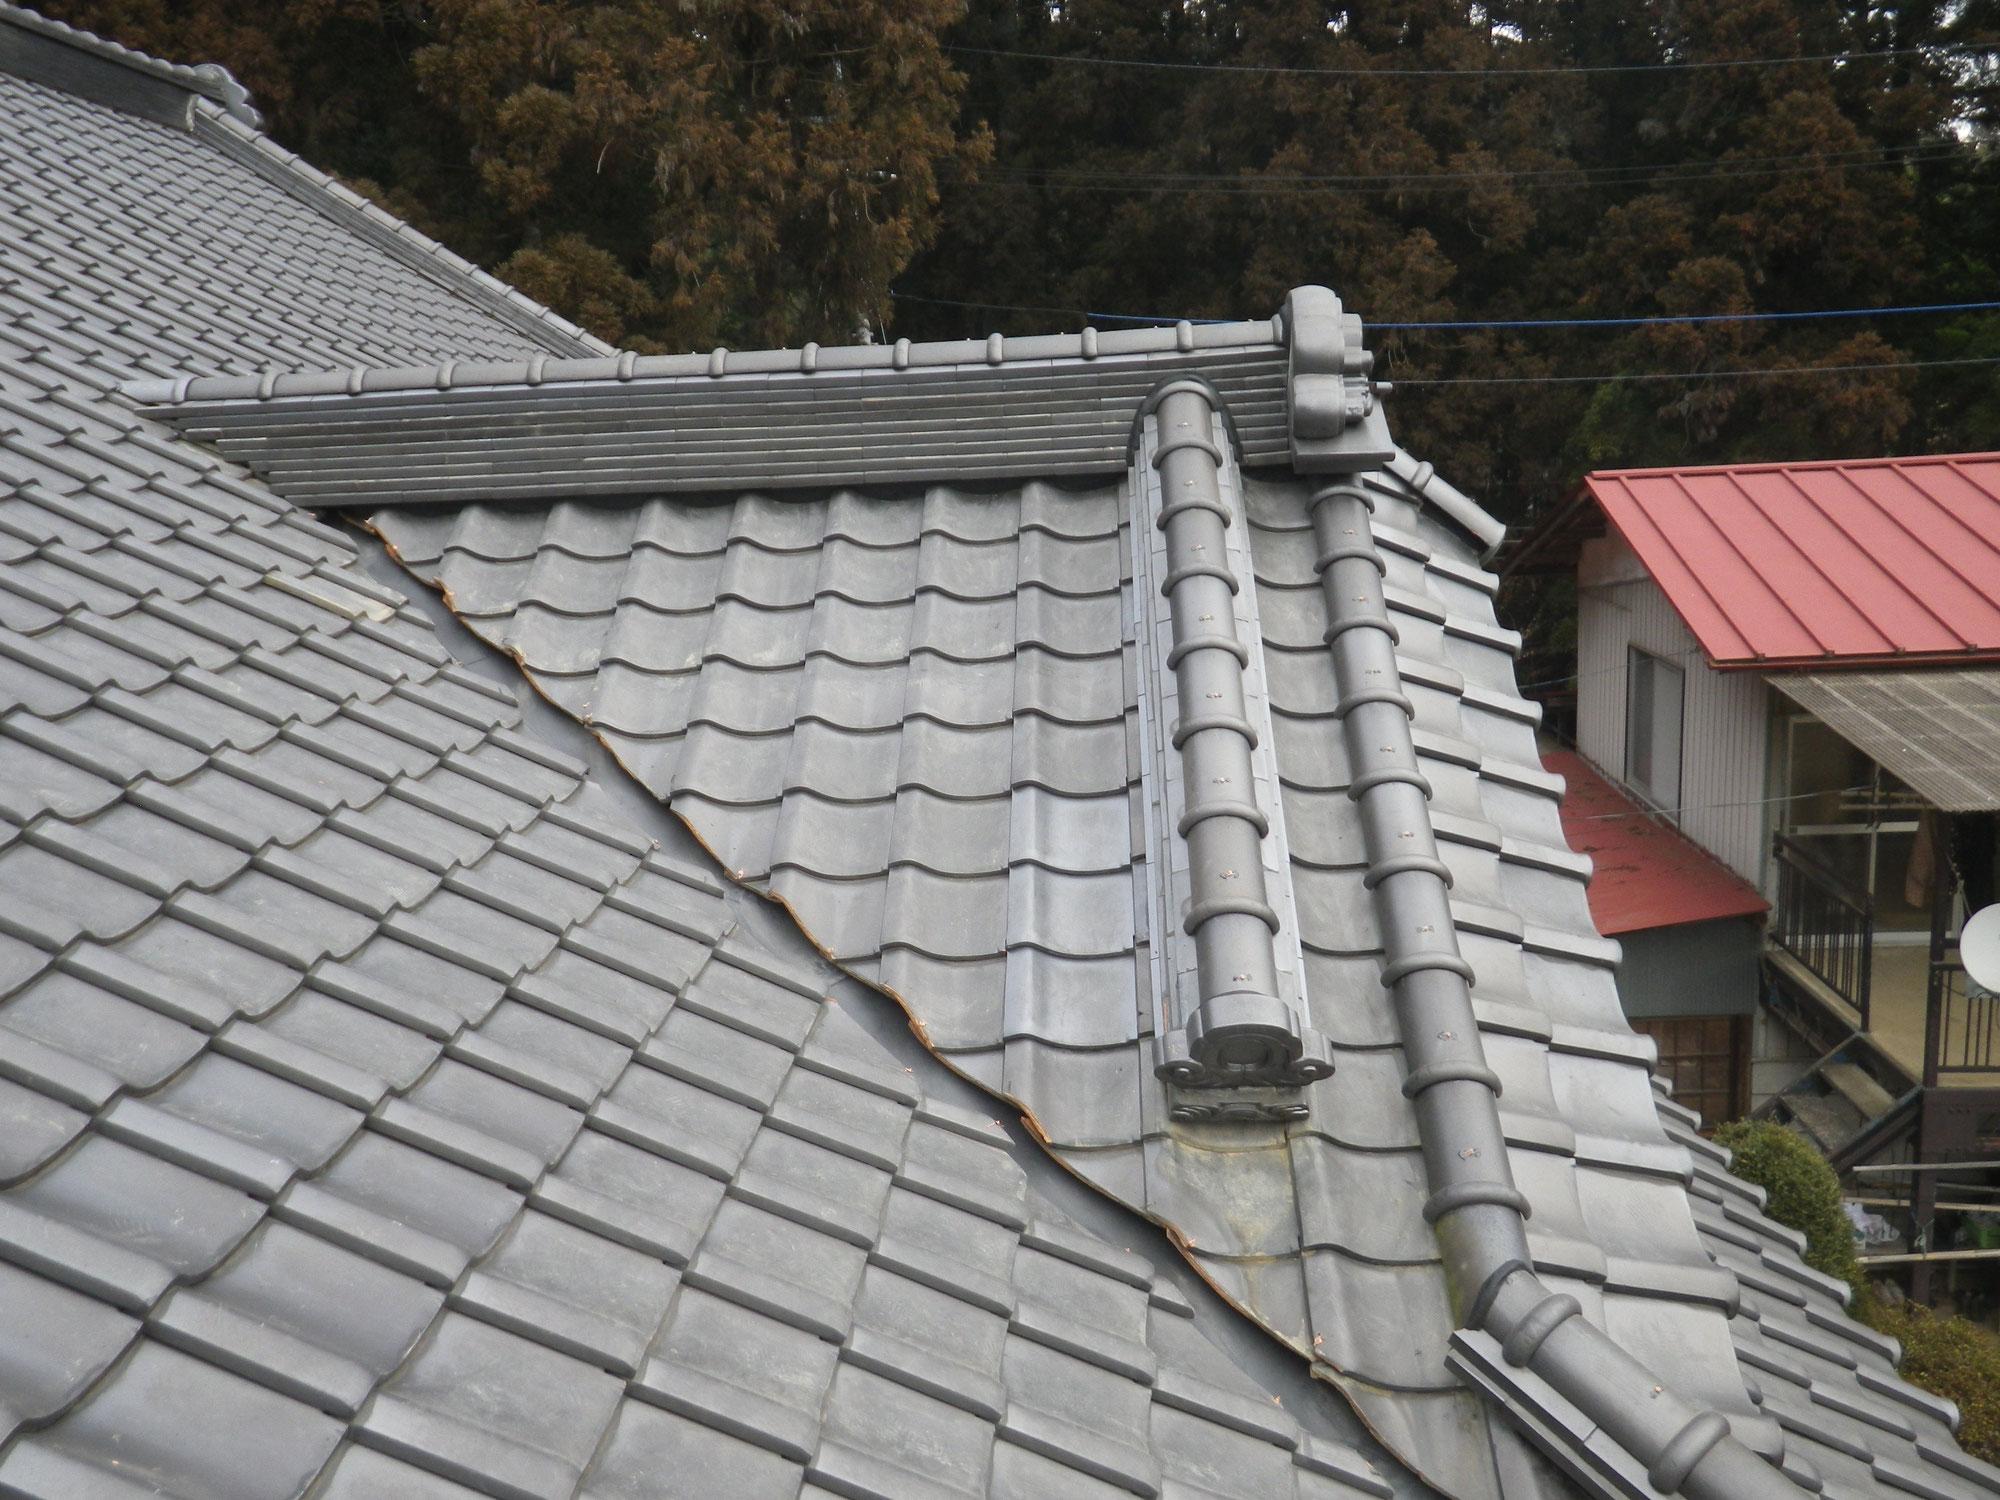 和瓦屋根の「大棟」を耐震工法にて積み直し! in那須塩原市